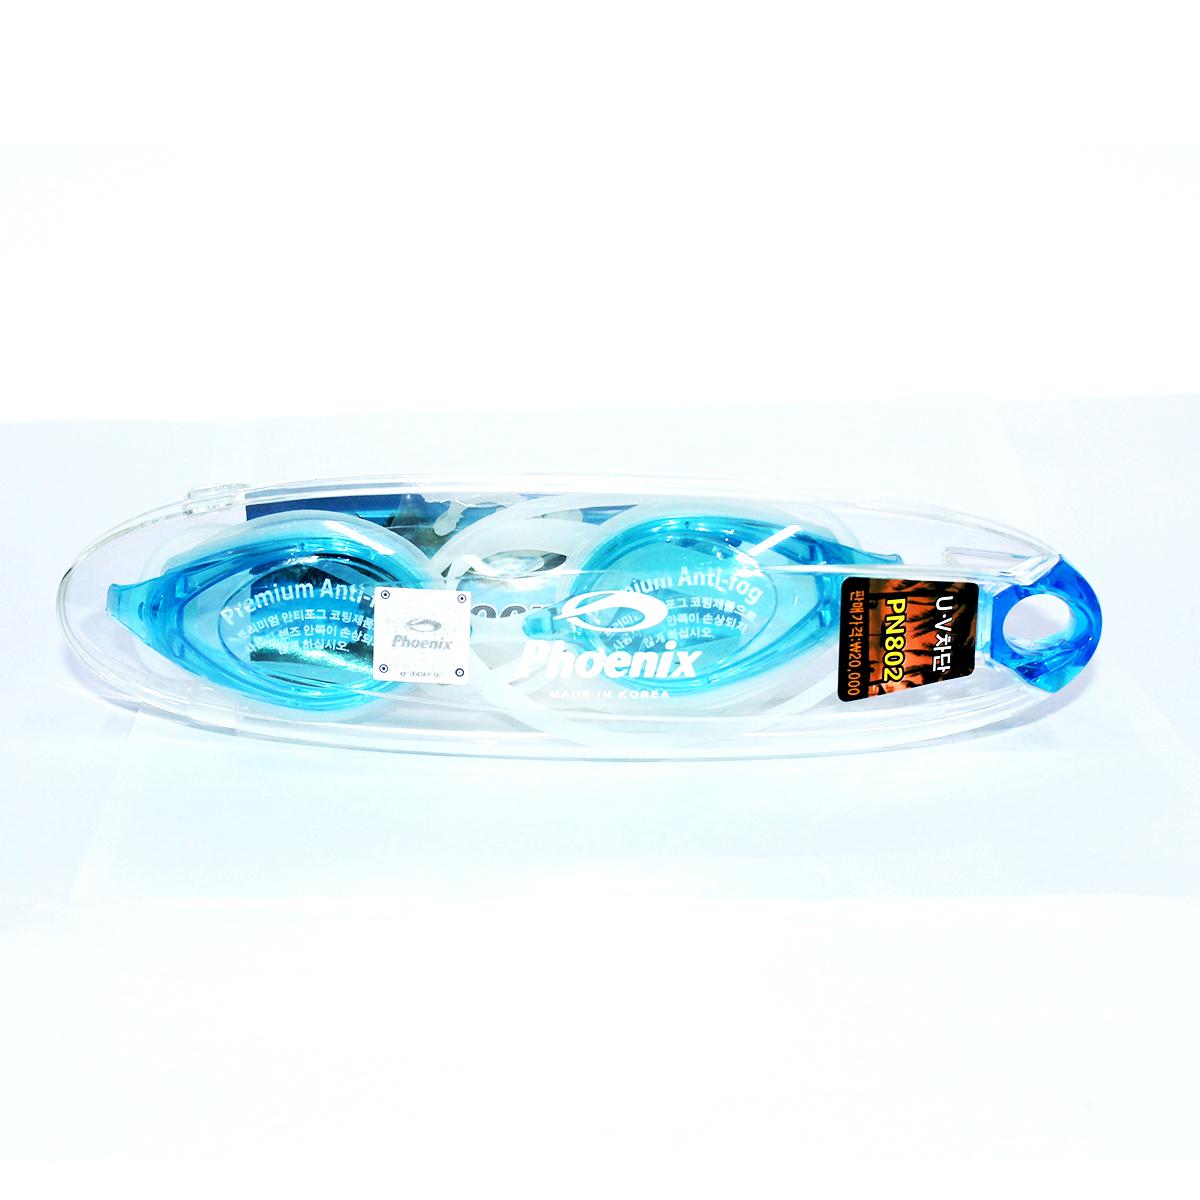 Kính bơi Phoenix Hàn Quốc Chuyên Nghiệp Không Tráng Gương PN802  màu xanh nhạt P802AQ